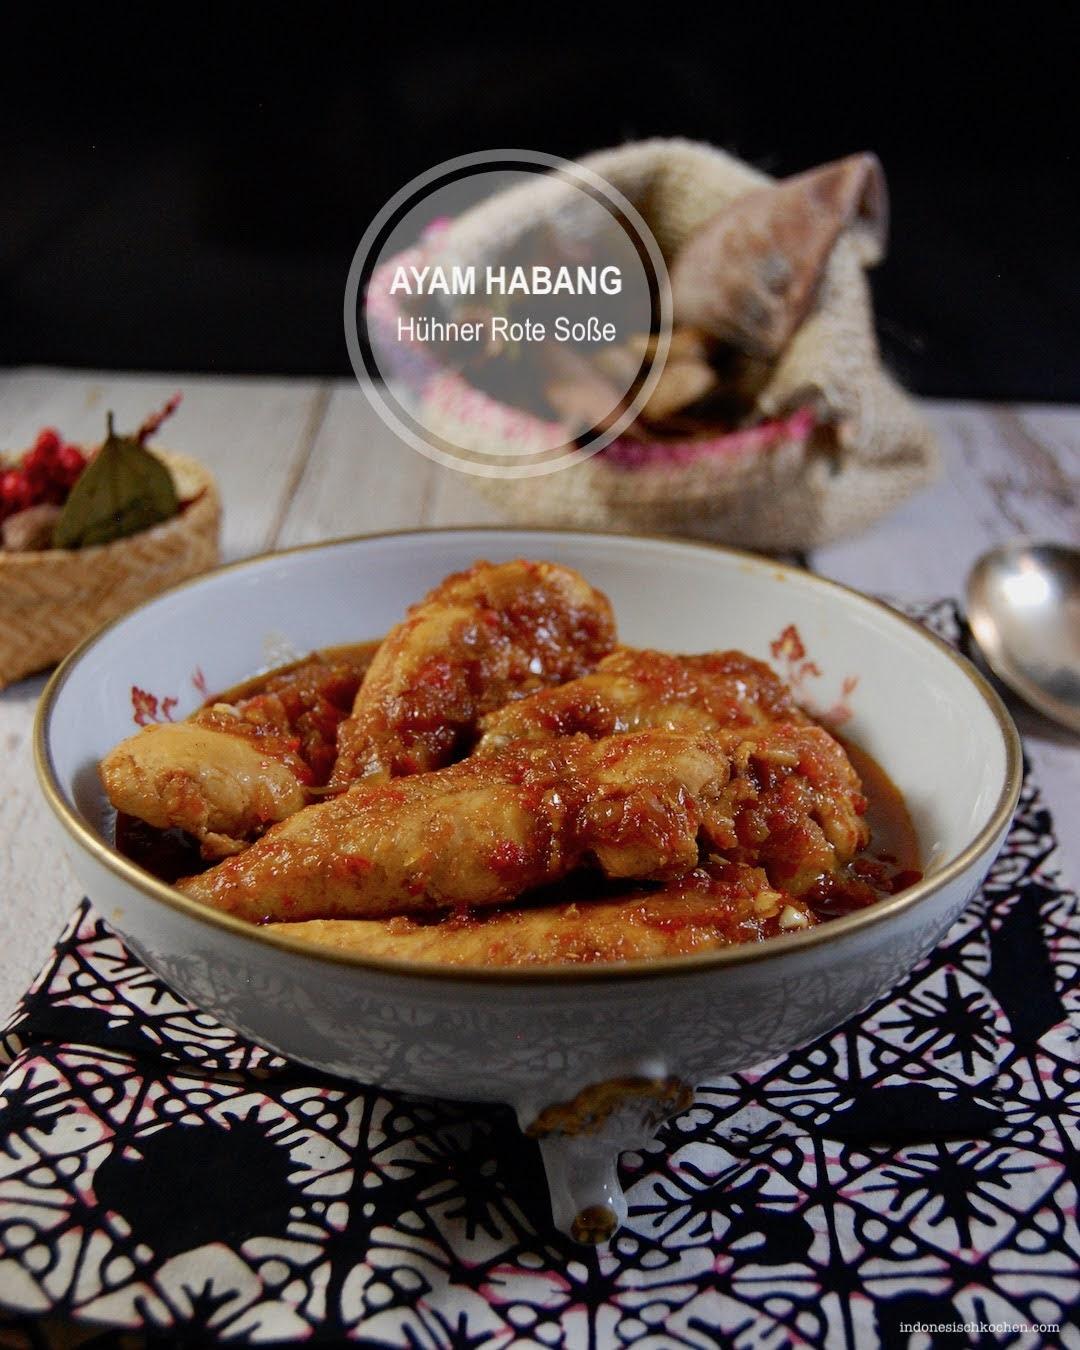 Ayam Habang, Hühner Rote Soße Indonesisch